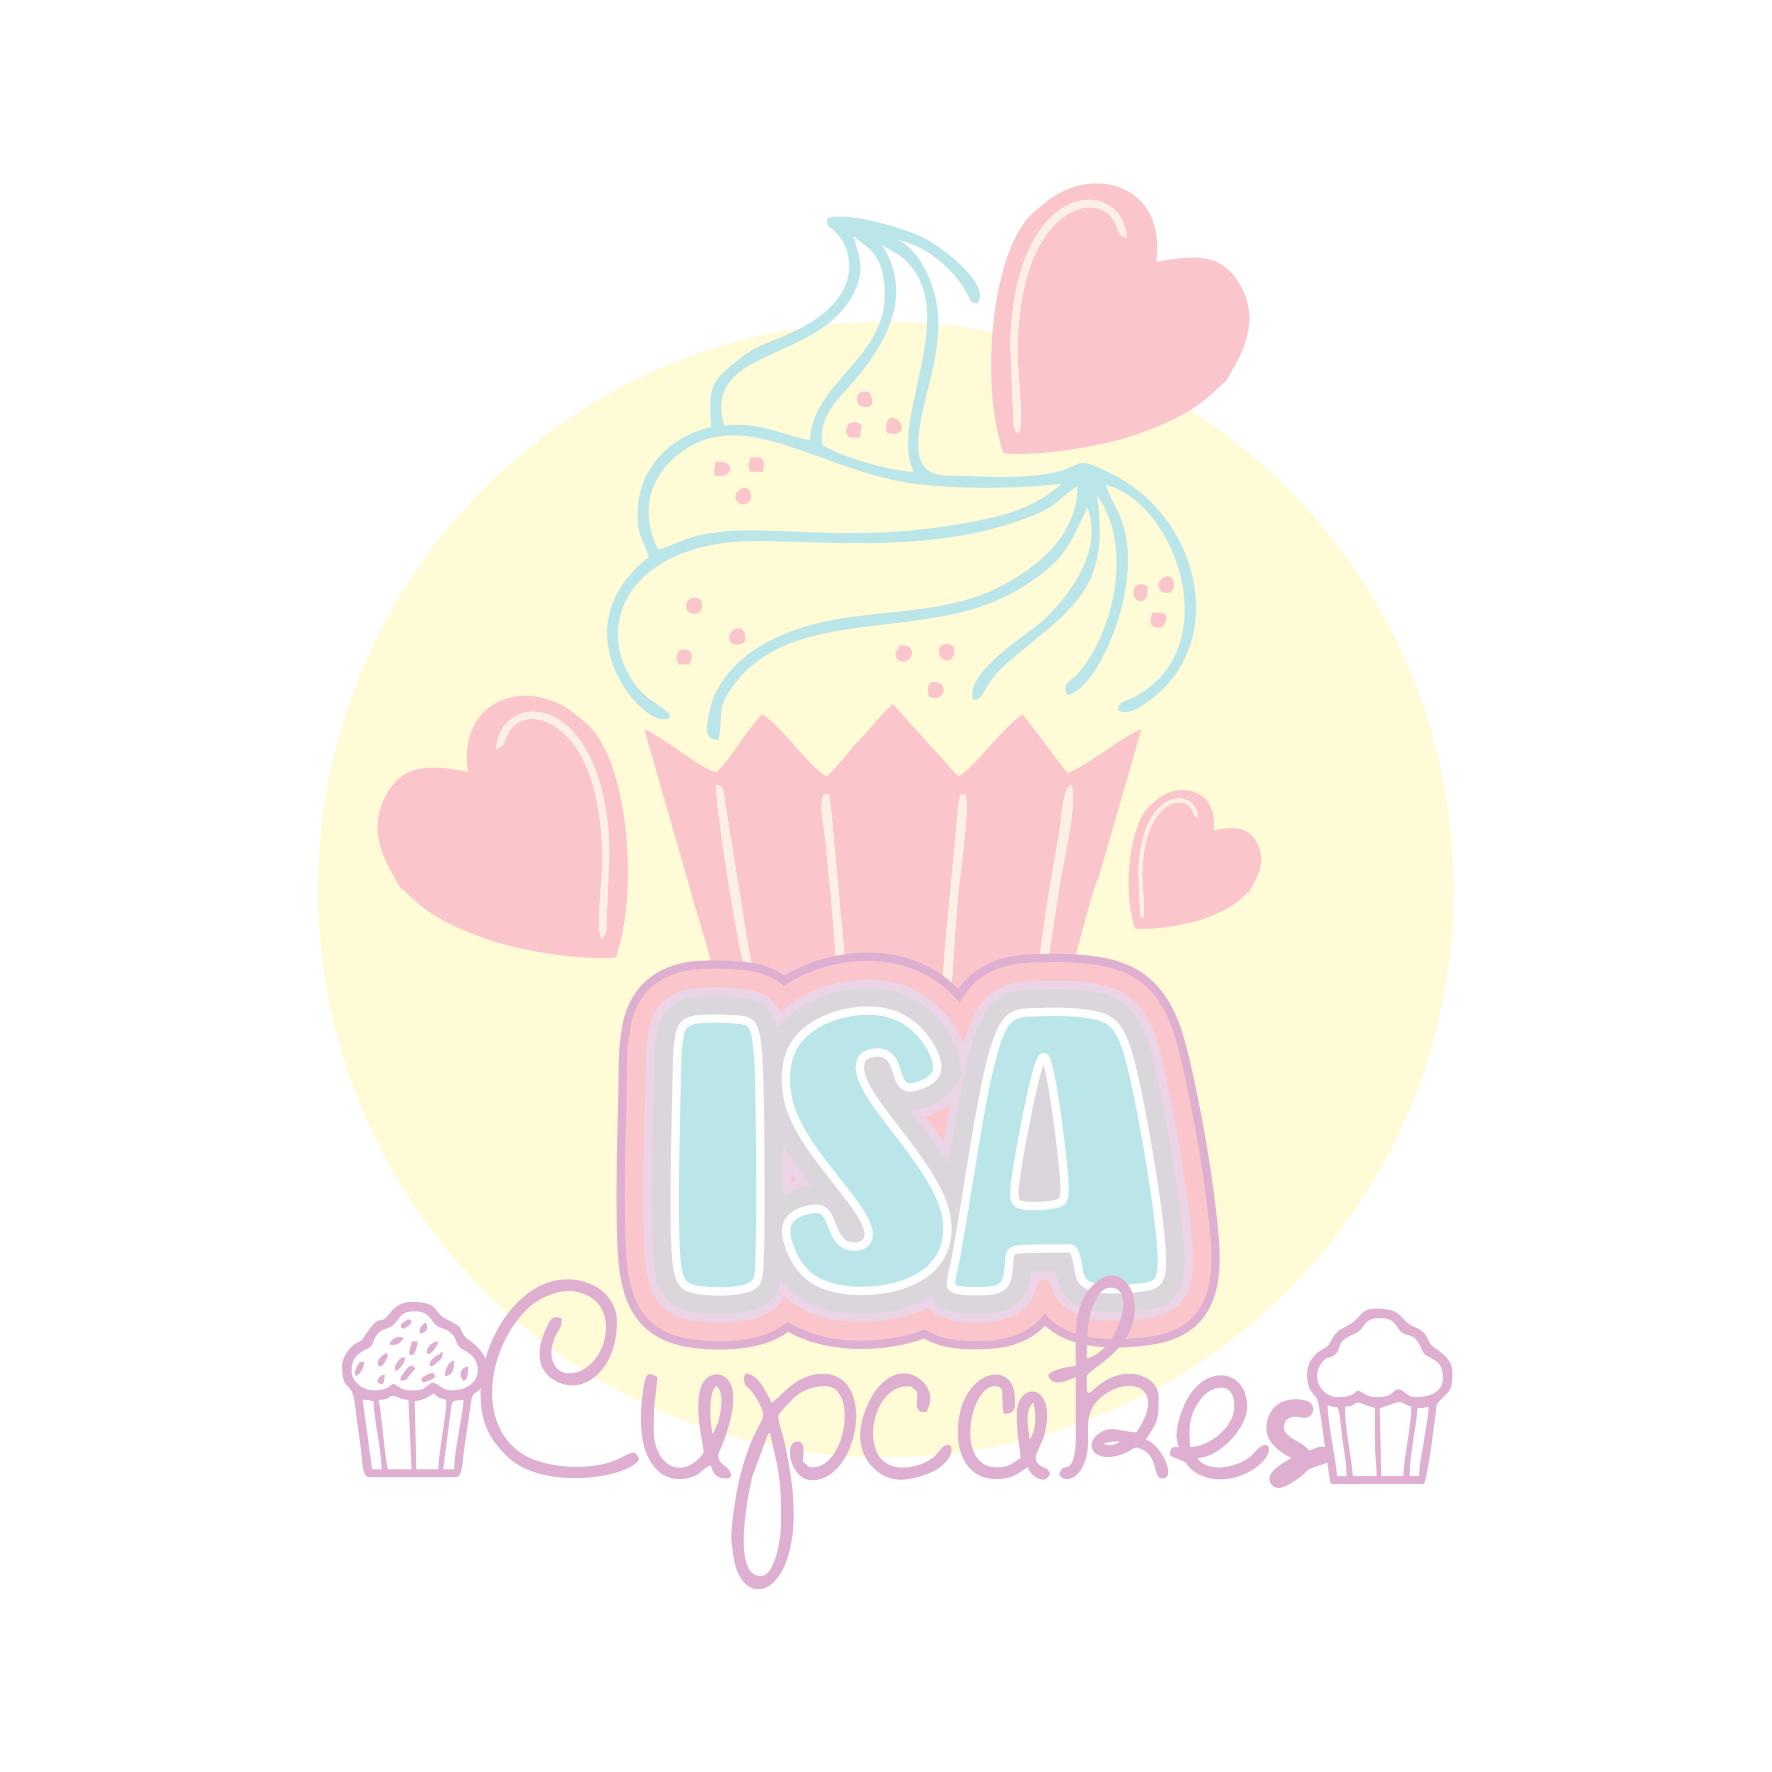 Logotipo Logomarca Cupcakes CakePops e Marshmallow